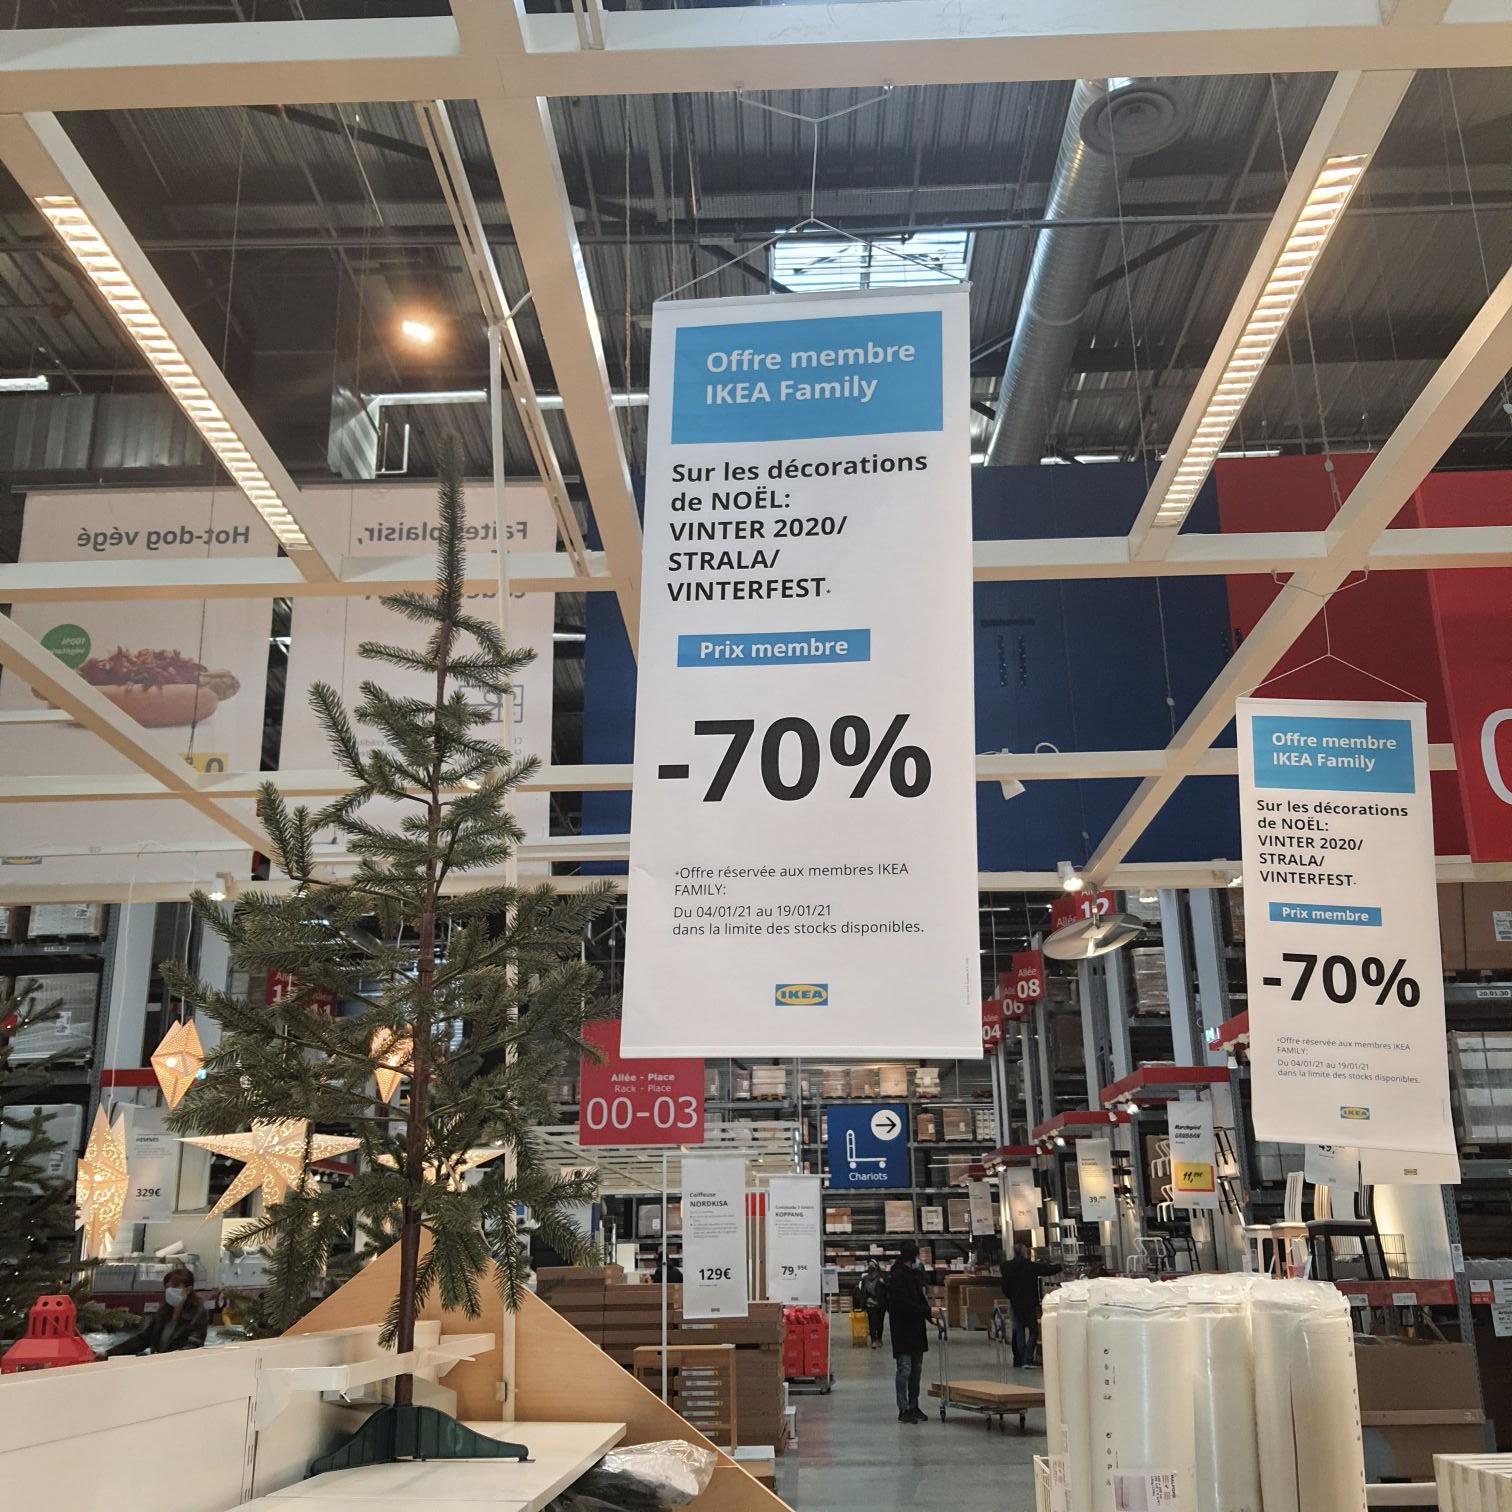 [Ikea Family] 70% de réduction sur les décorations de Noël - La Valette-du-Var (83)